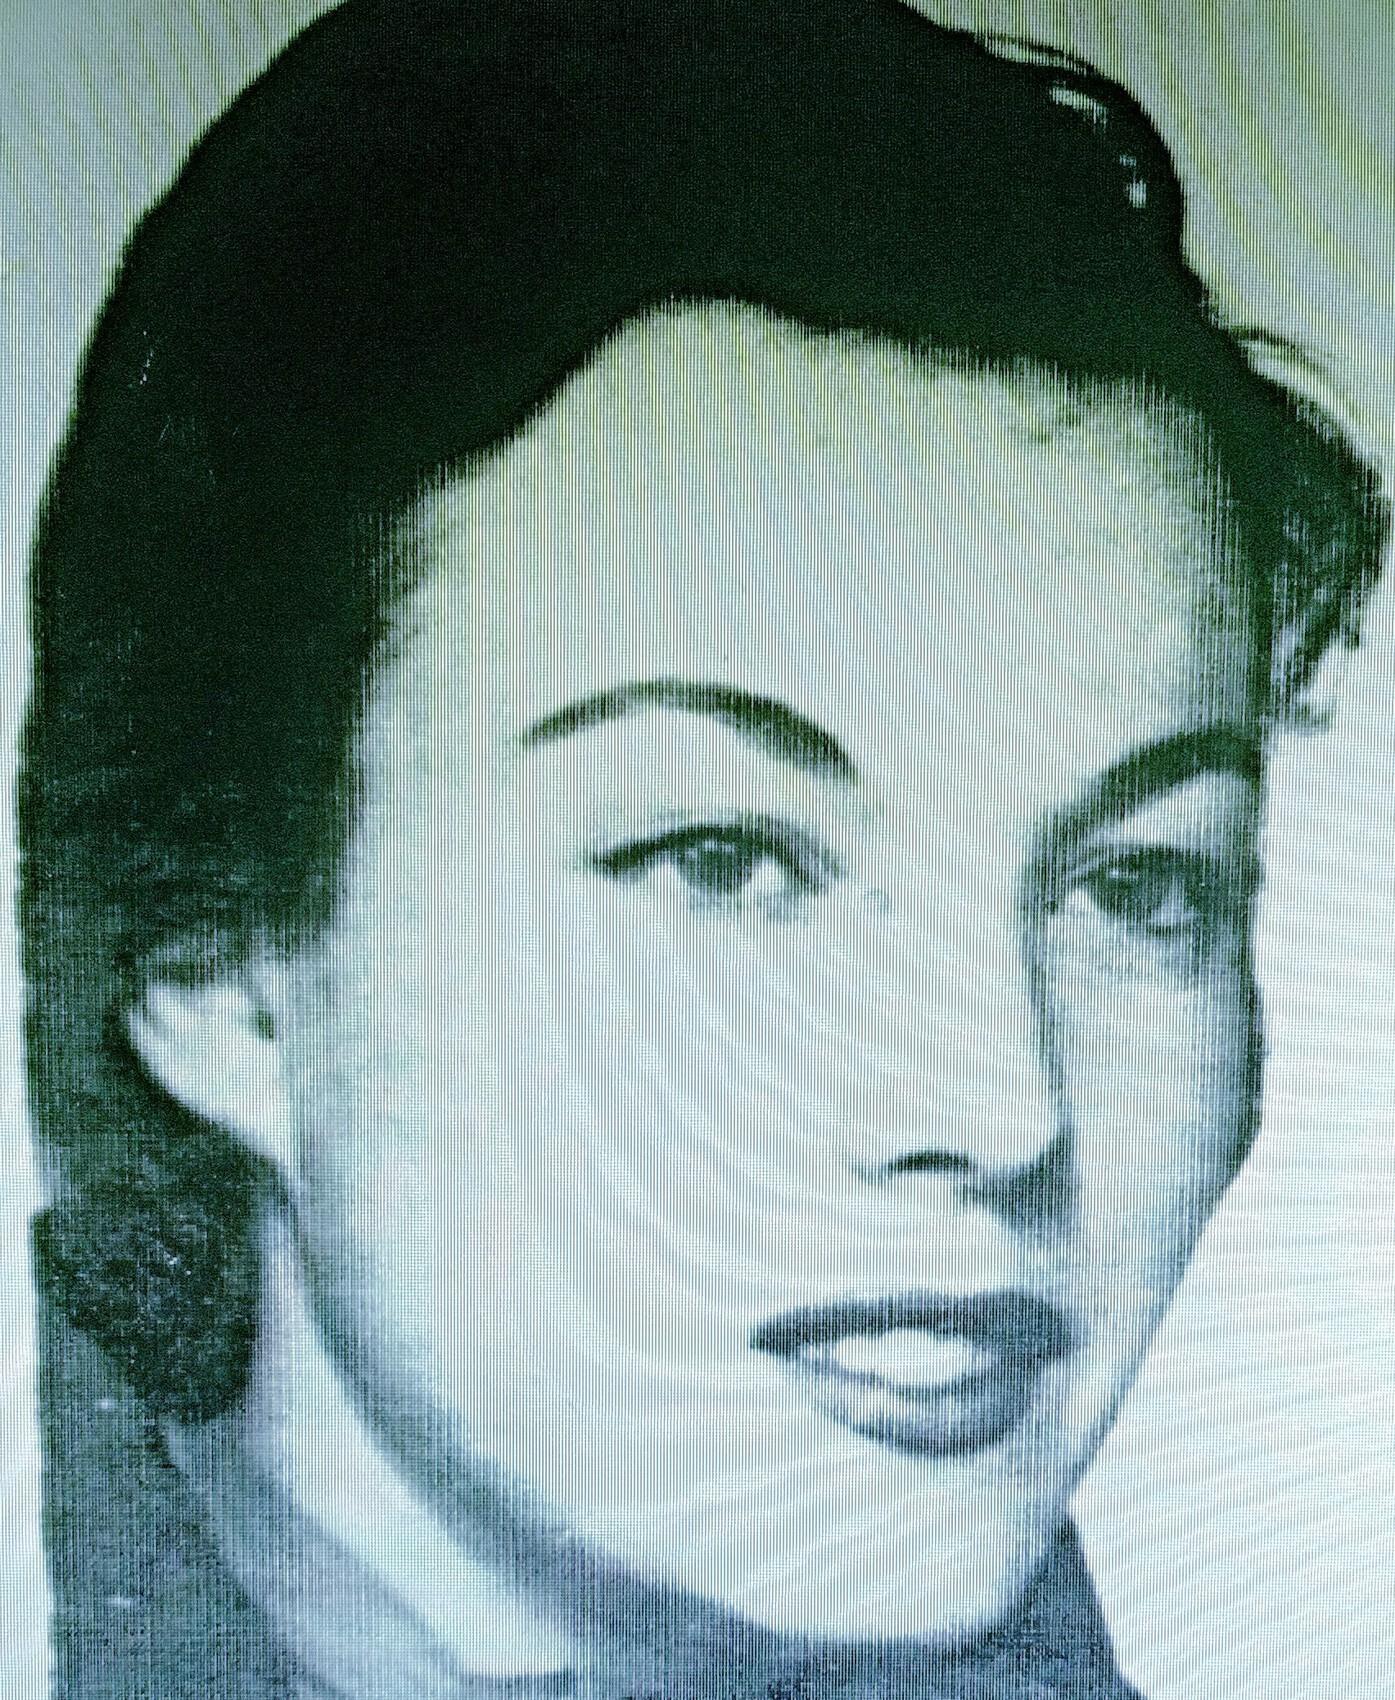 Ma maman durant la guerre